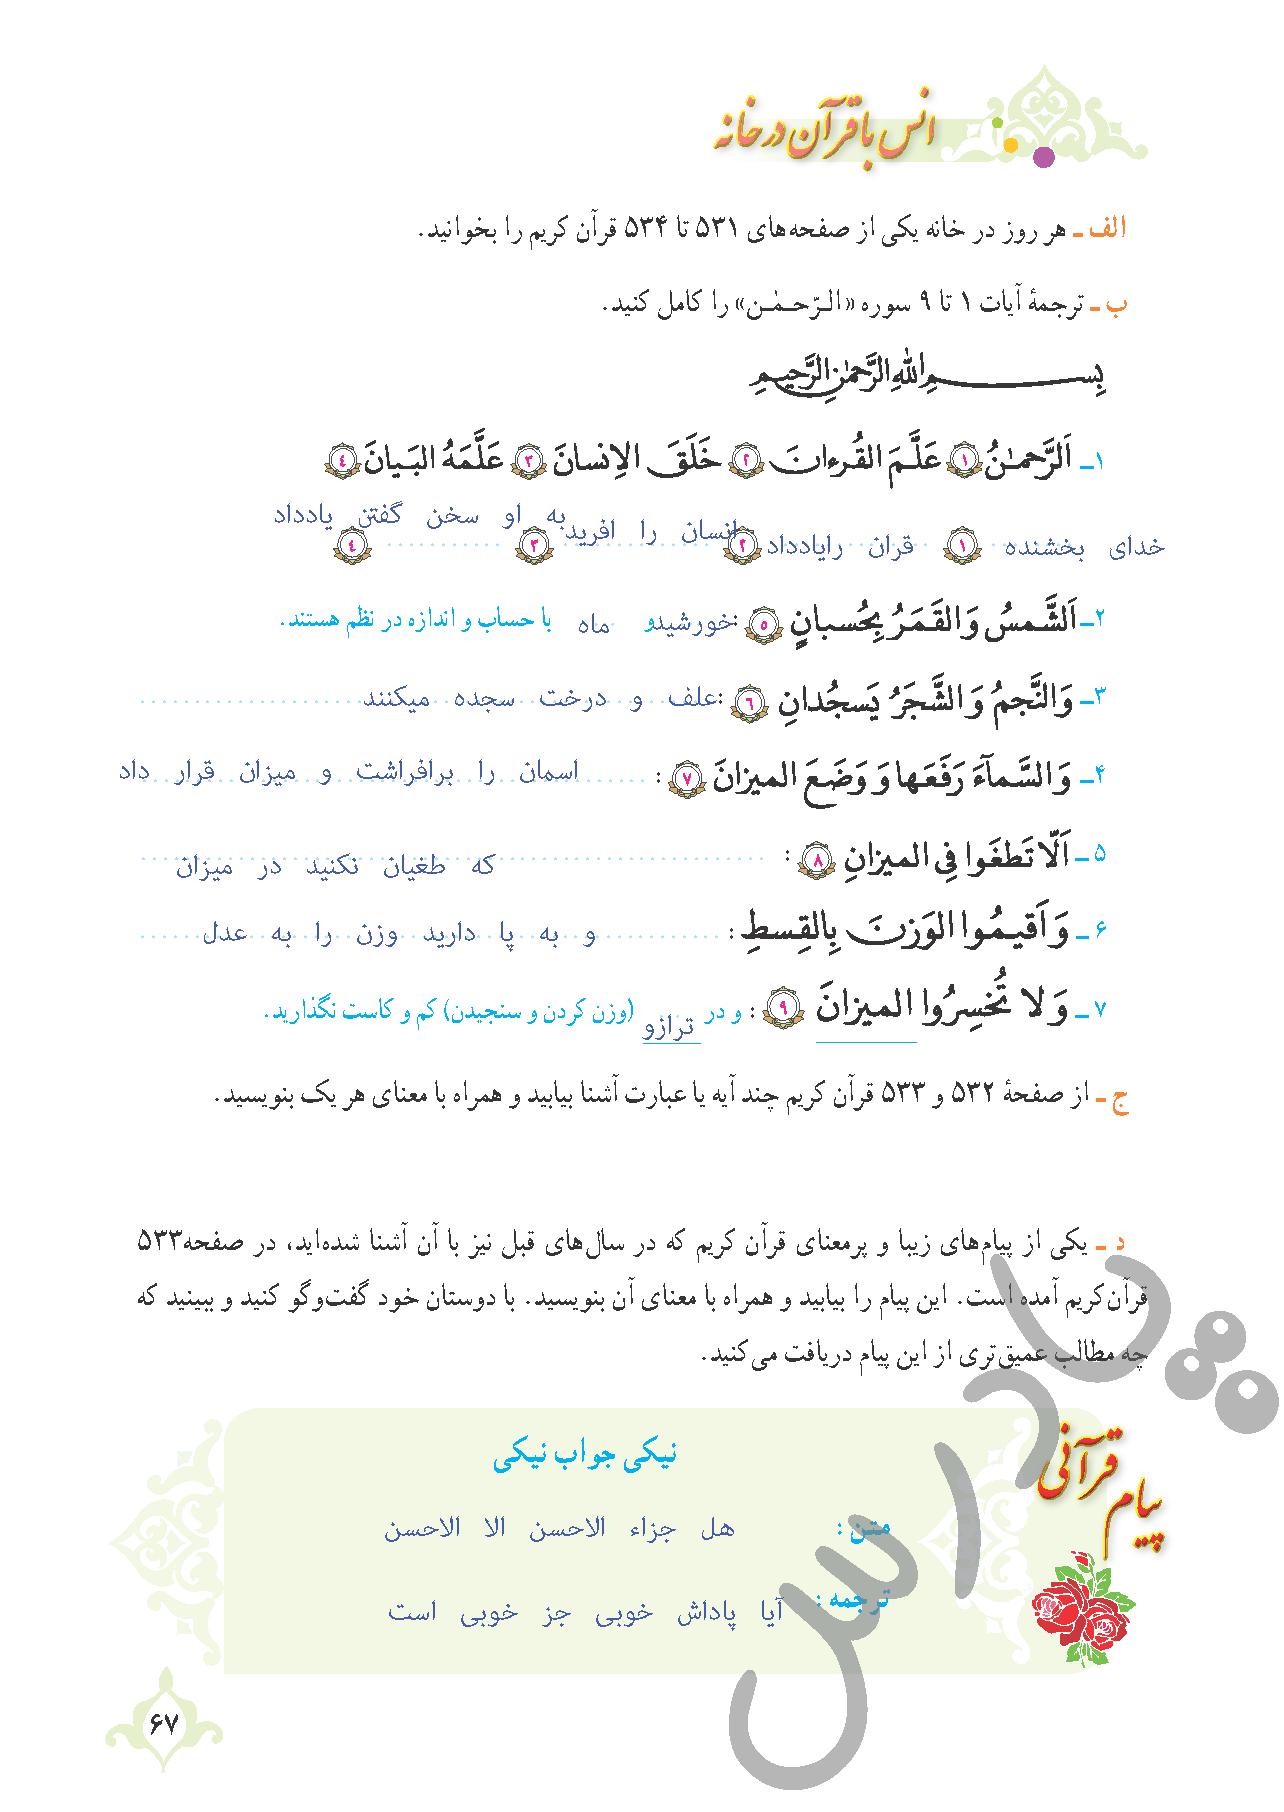 جواب انس با قرآن درس 6 قرآن نهم